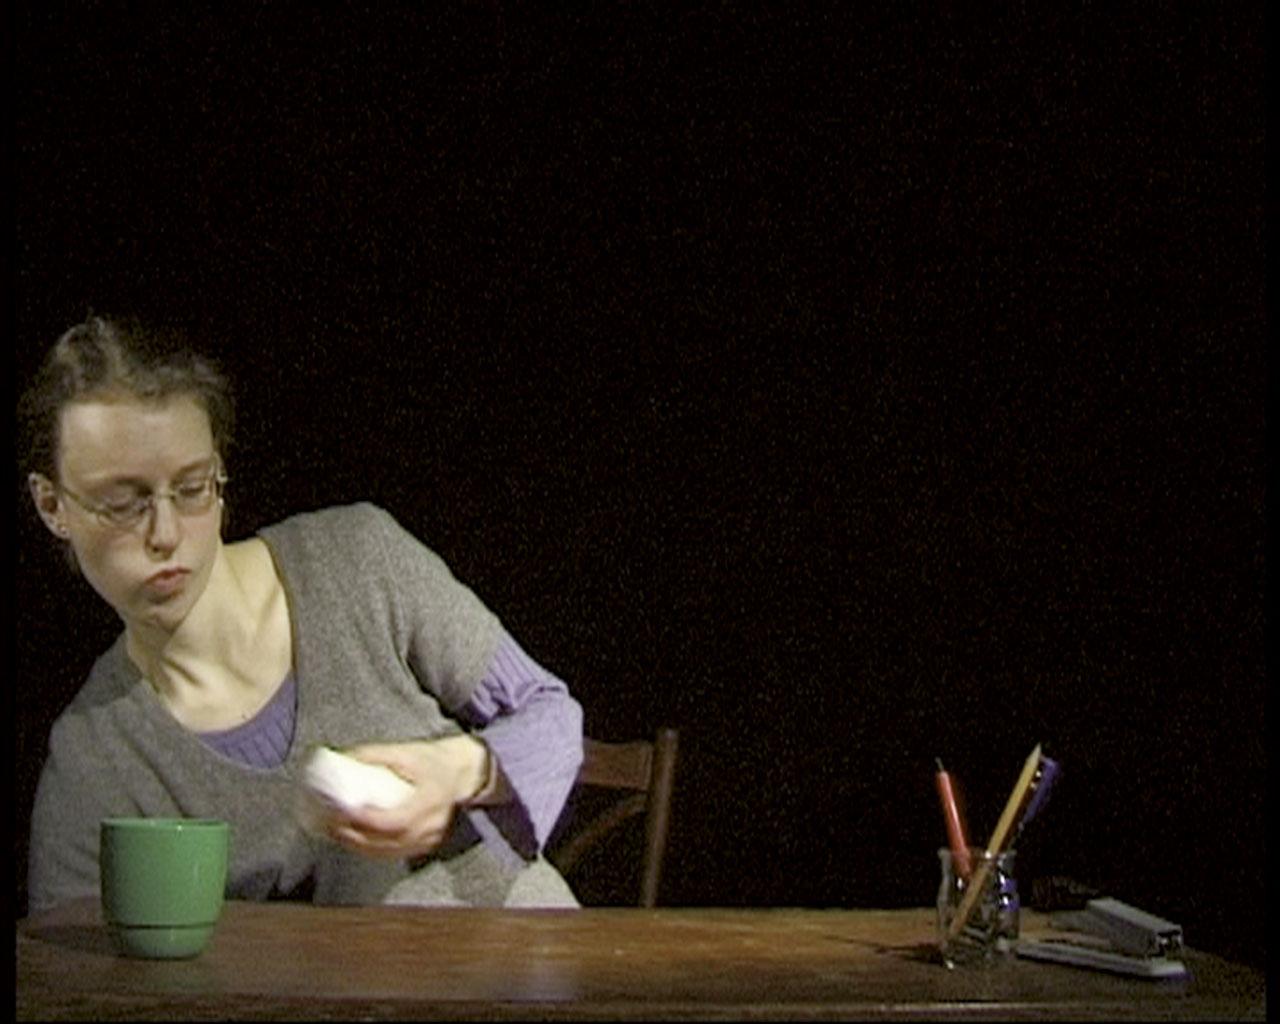 Kreislauf 2, 2000, video still